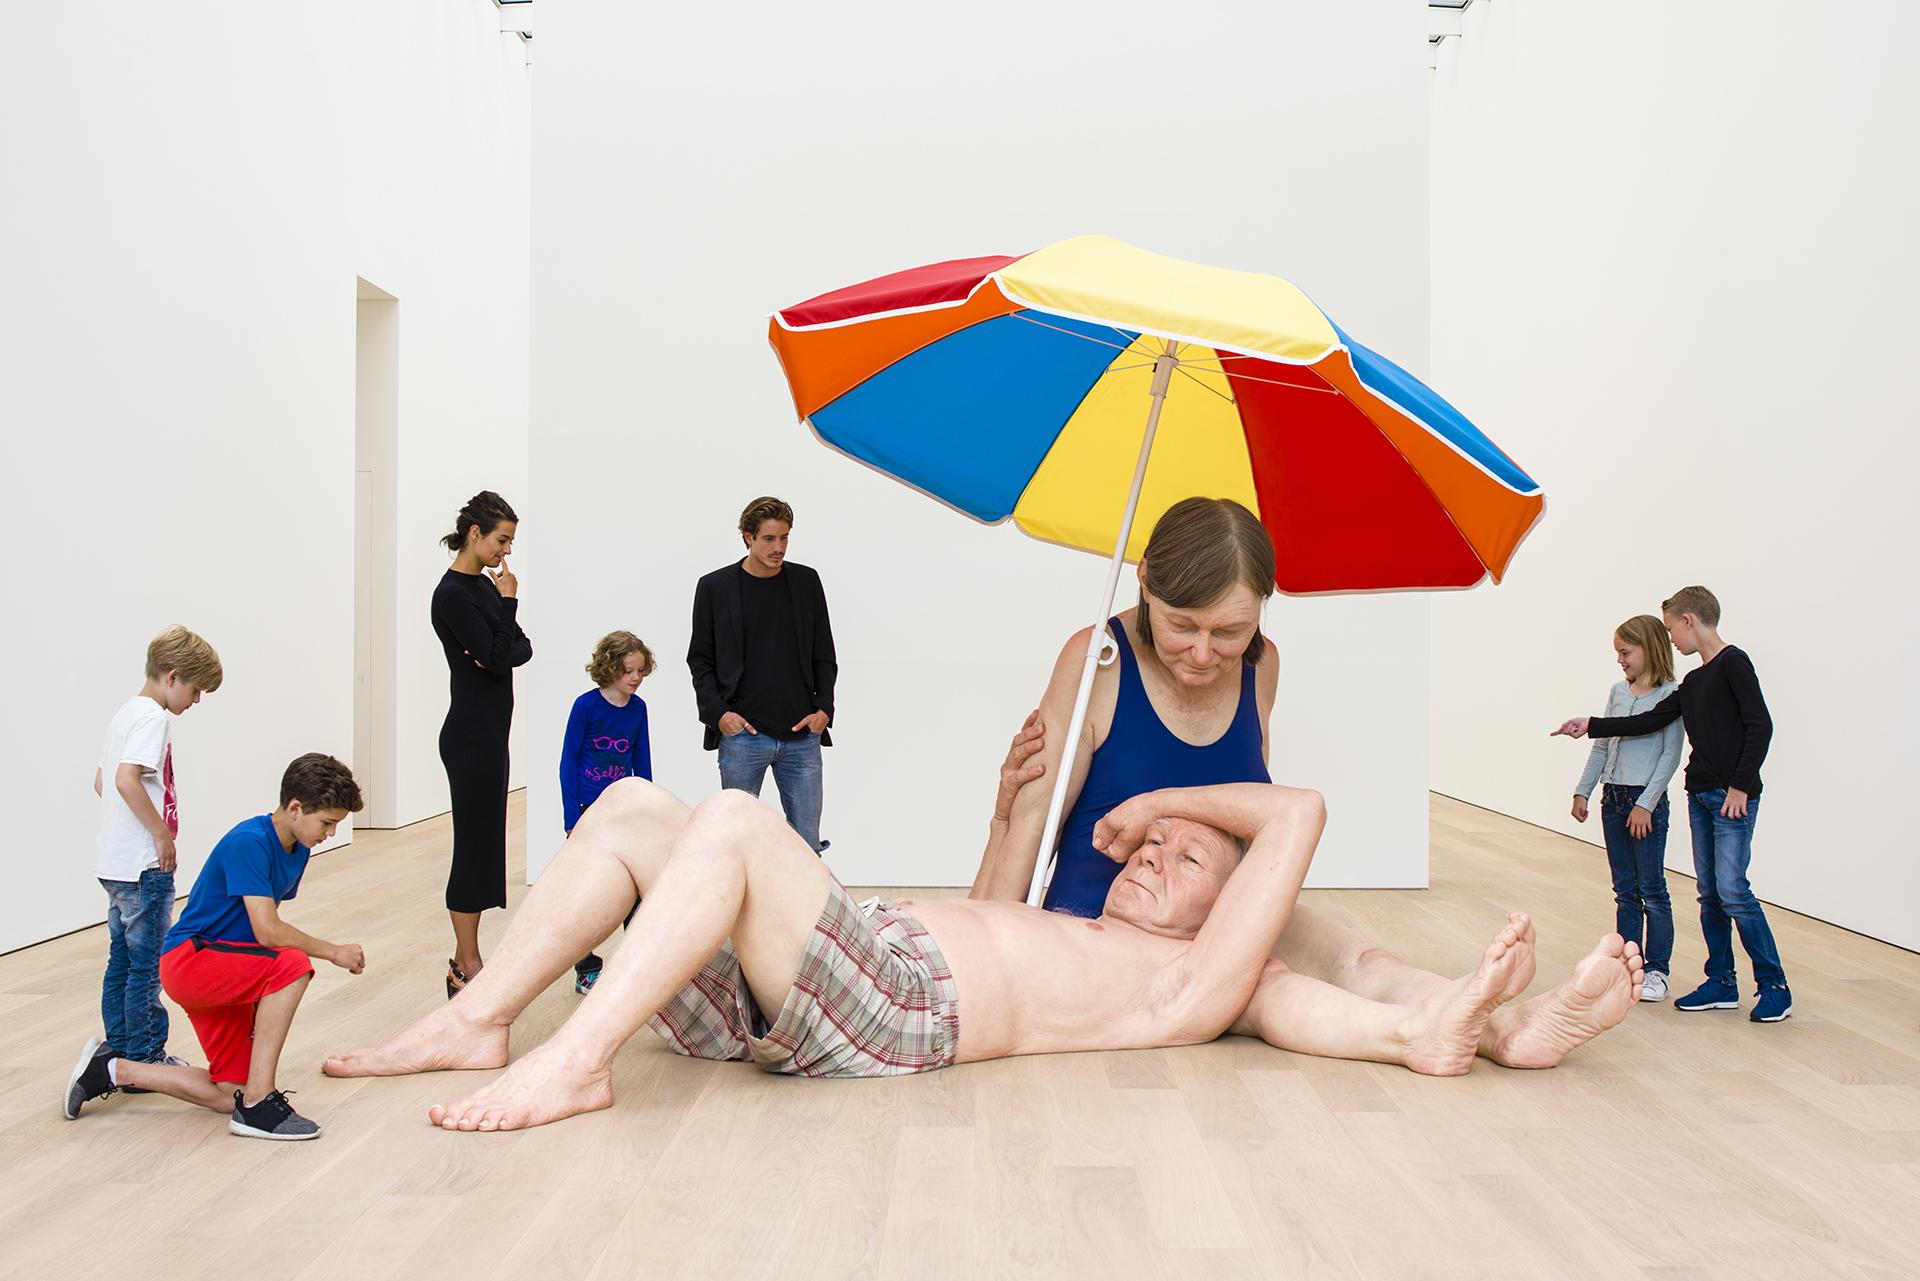 Kinderen kijken naar het kunstwerk Couple under an Umbrella van Ron Mueck